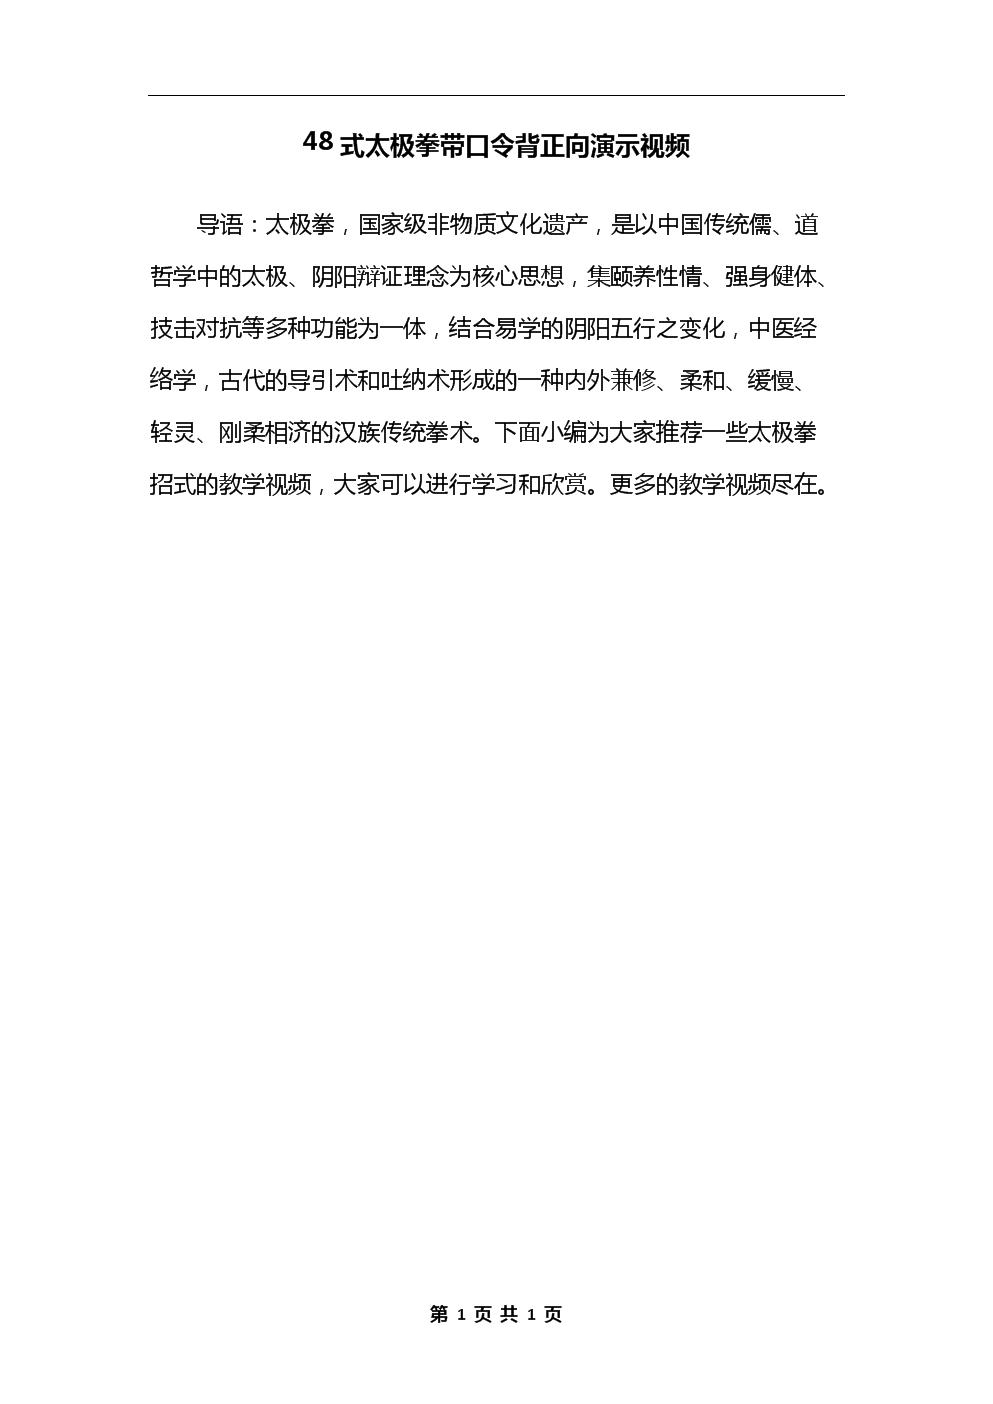 48式太极拳带口令背正向演示视频.docx